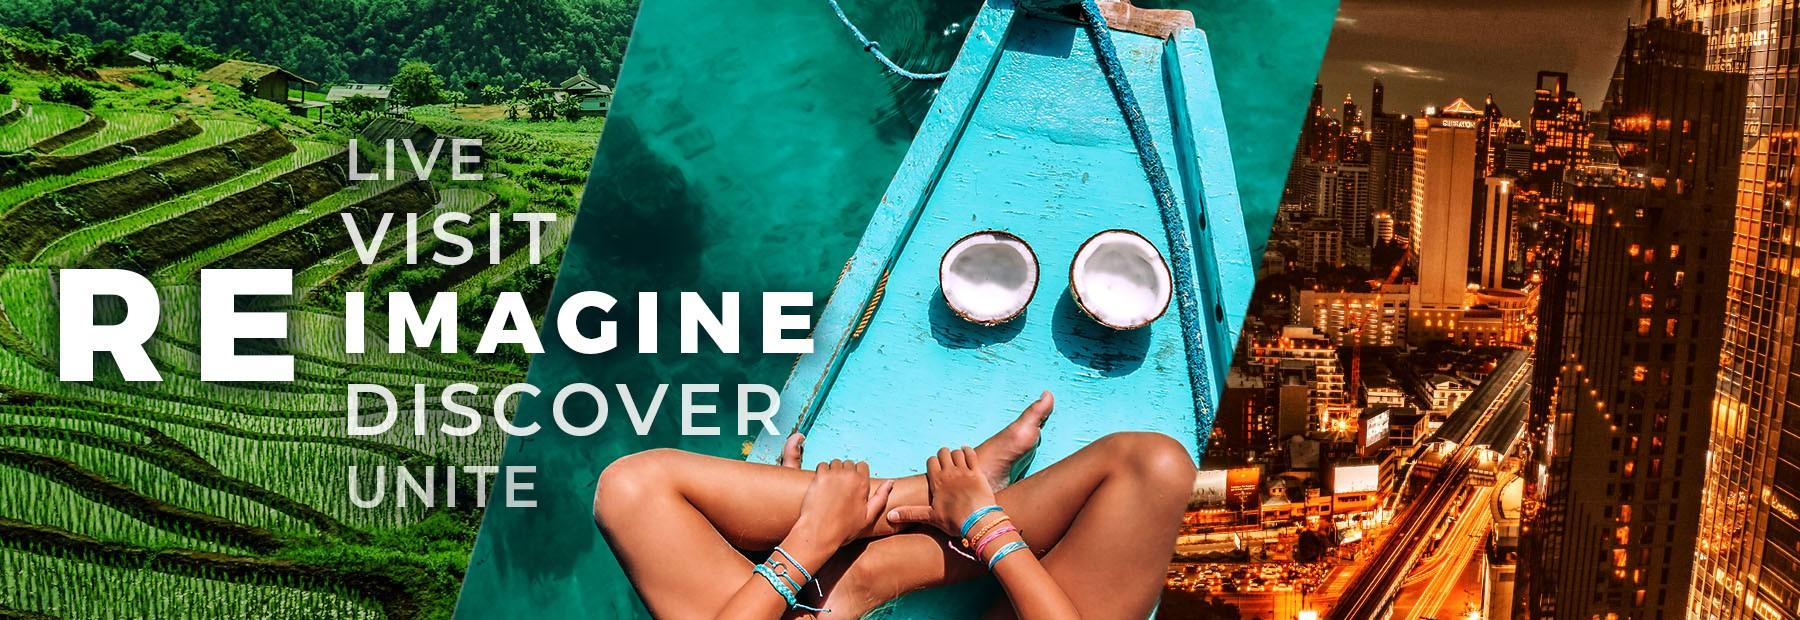 ส่วนลดห้องพัก 30%- Reimagine Thailand